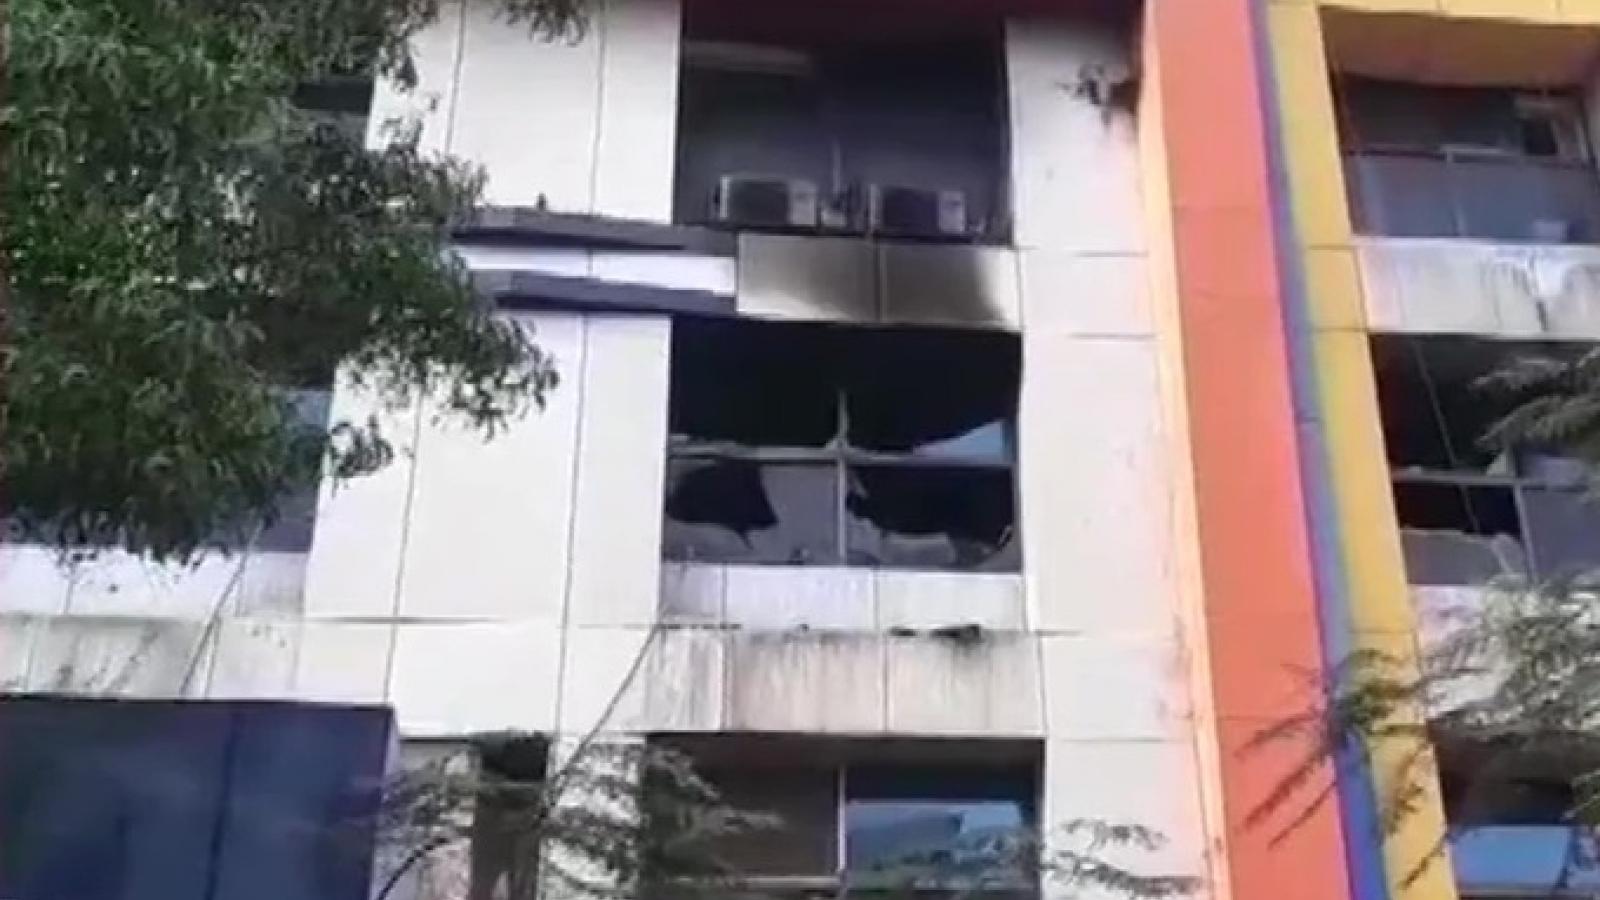 Cháy bệnh viện ở Ấn Độ, 13 bệnh nhân Covid-19 tử vong